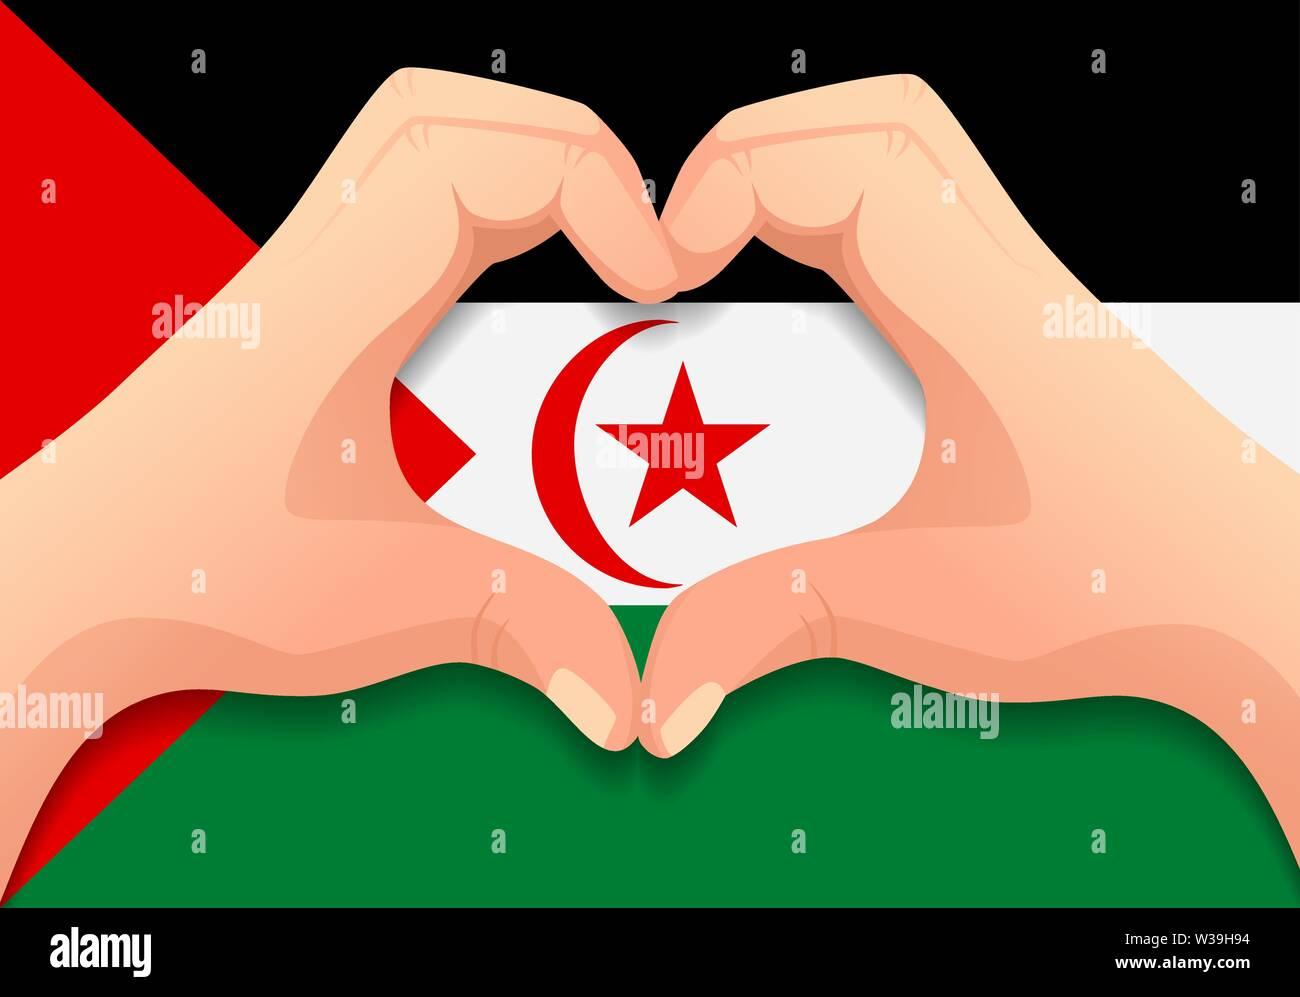 Arabische saharauische Demokratische Republik Flagge und Hand Herz Form. Patriotischen Hintergrund. Nationalflagge von Arabische saharauische Demokratische Republik Vektor illustratio Stockbild